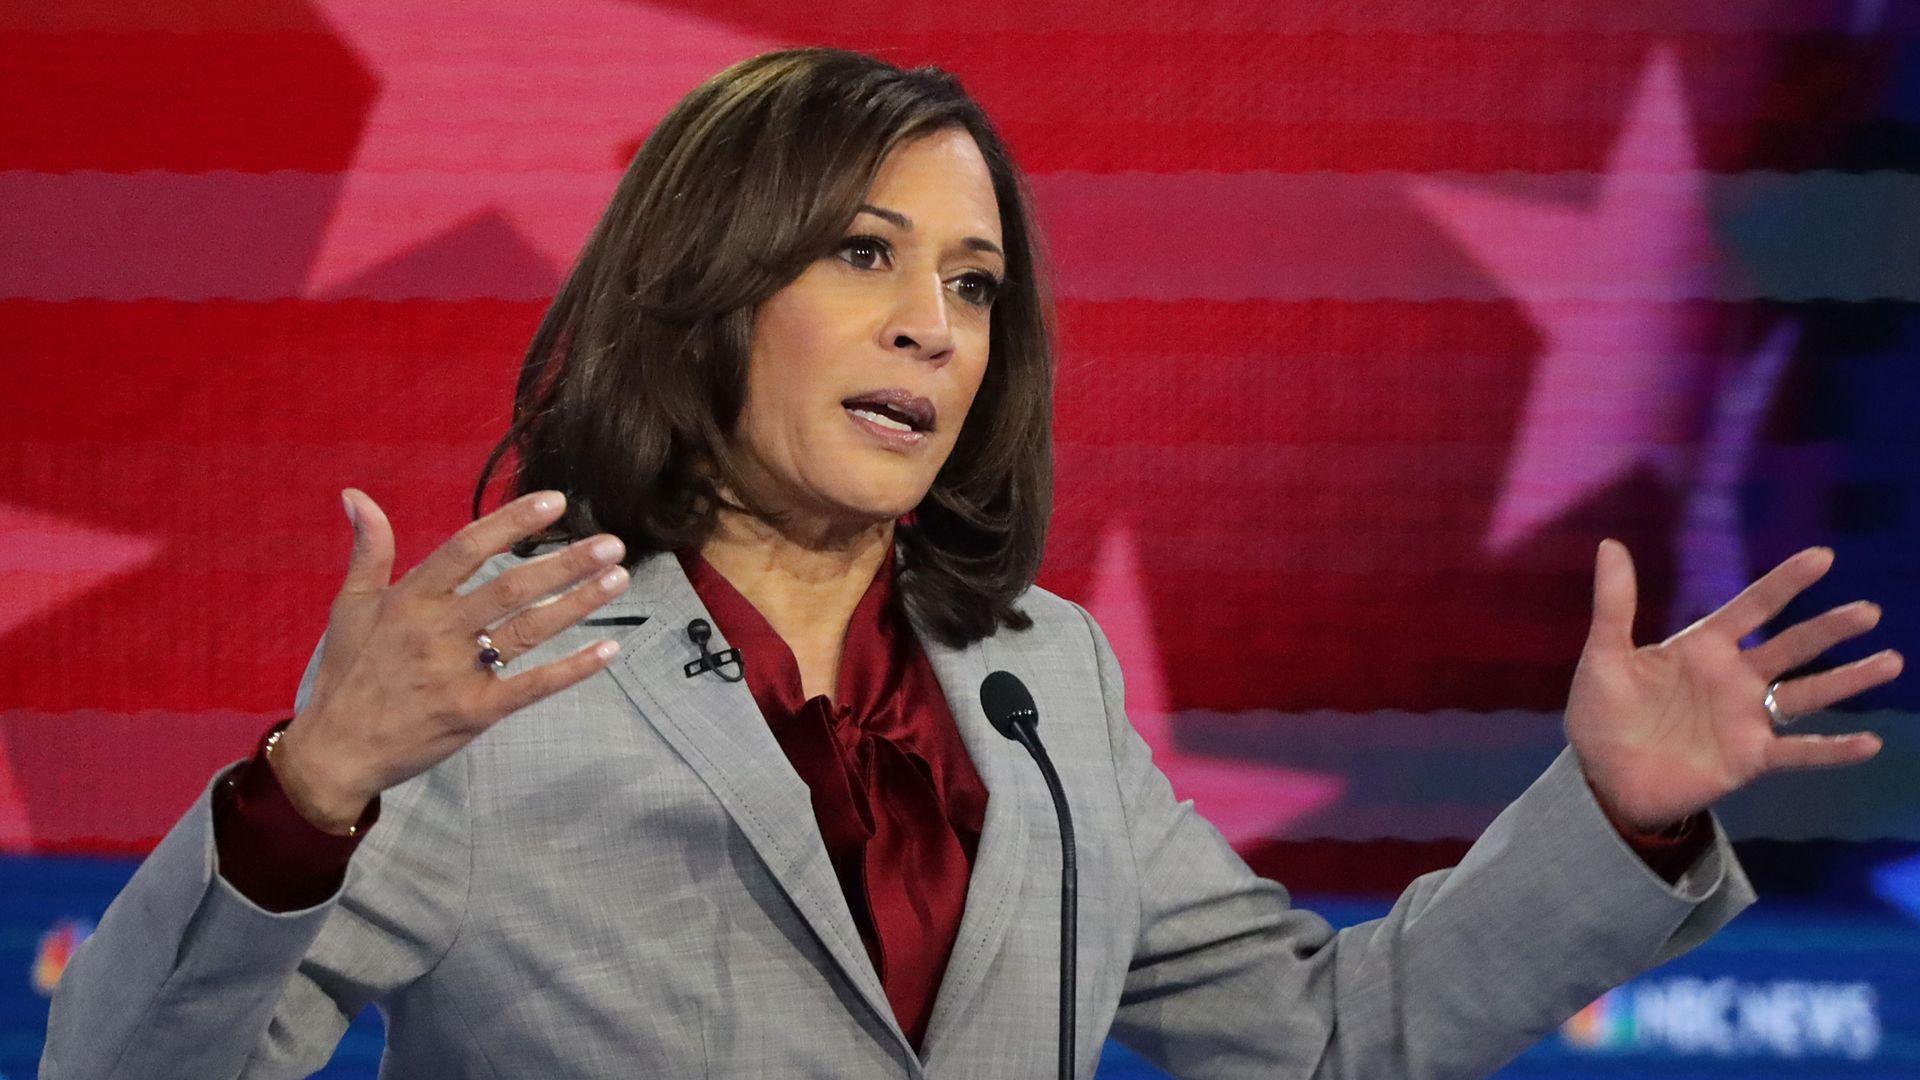 Kamala Harris during the Democratic Presidential Debate at Tyler Perry Studios November 20